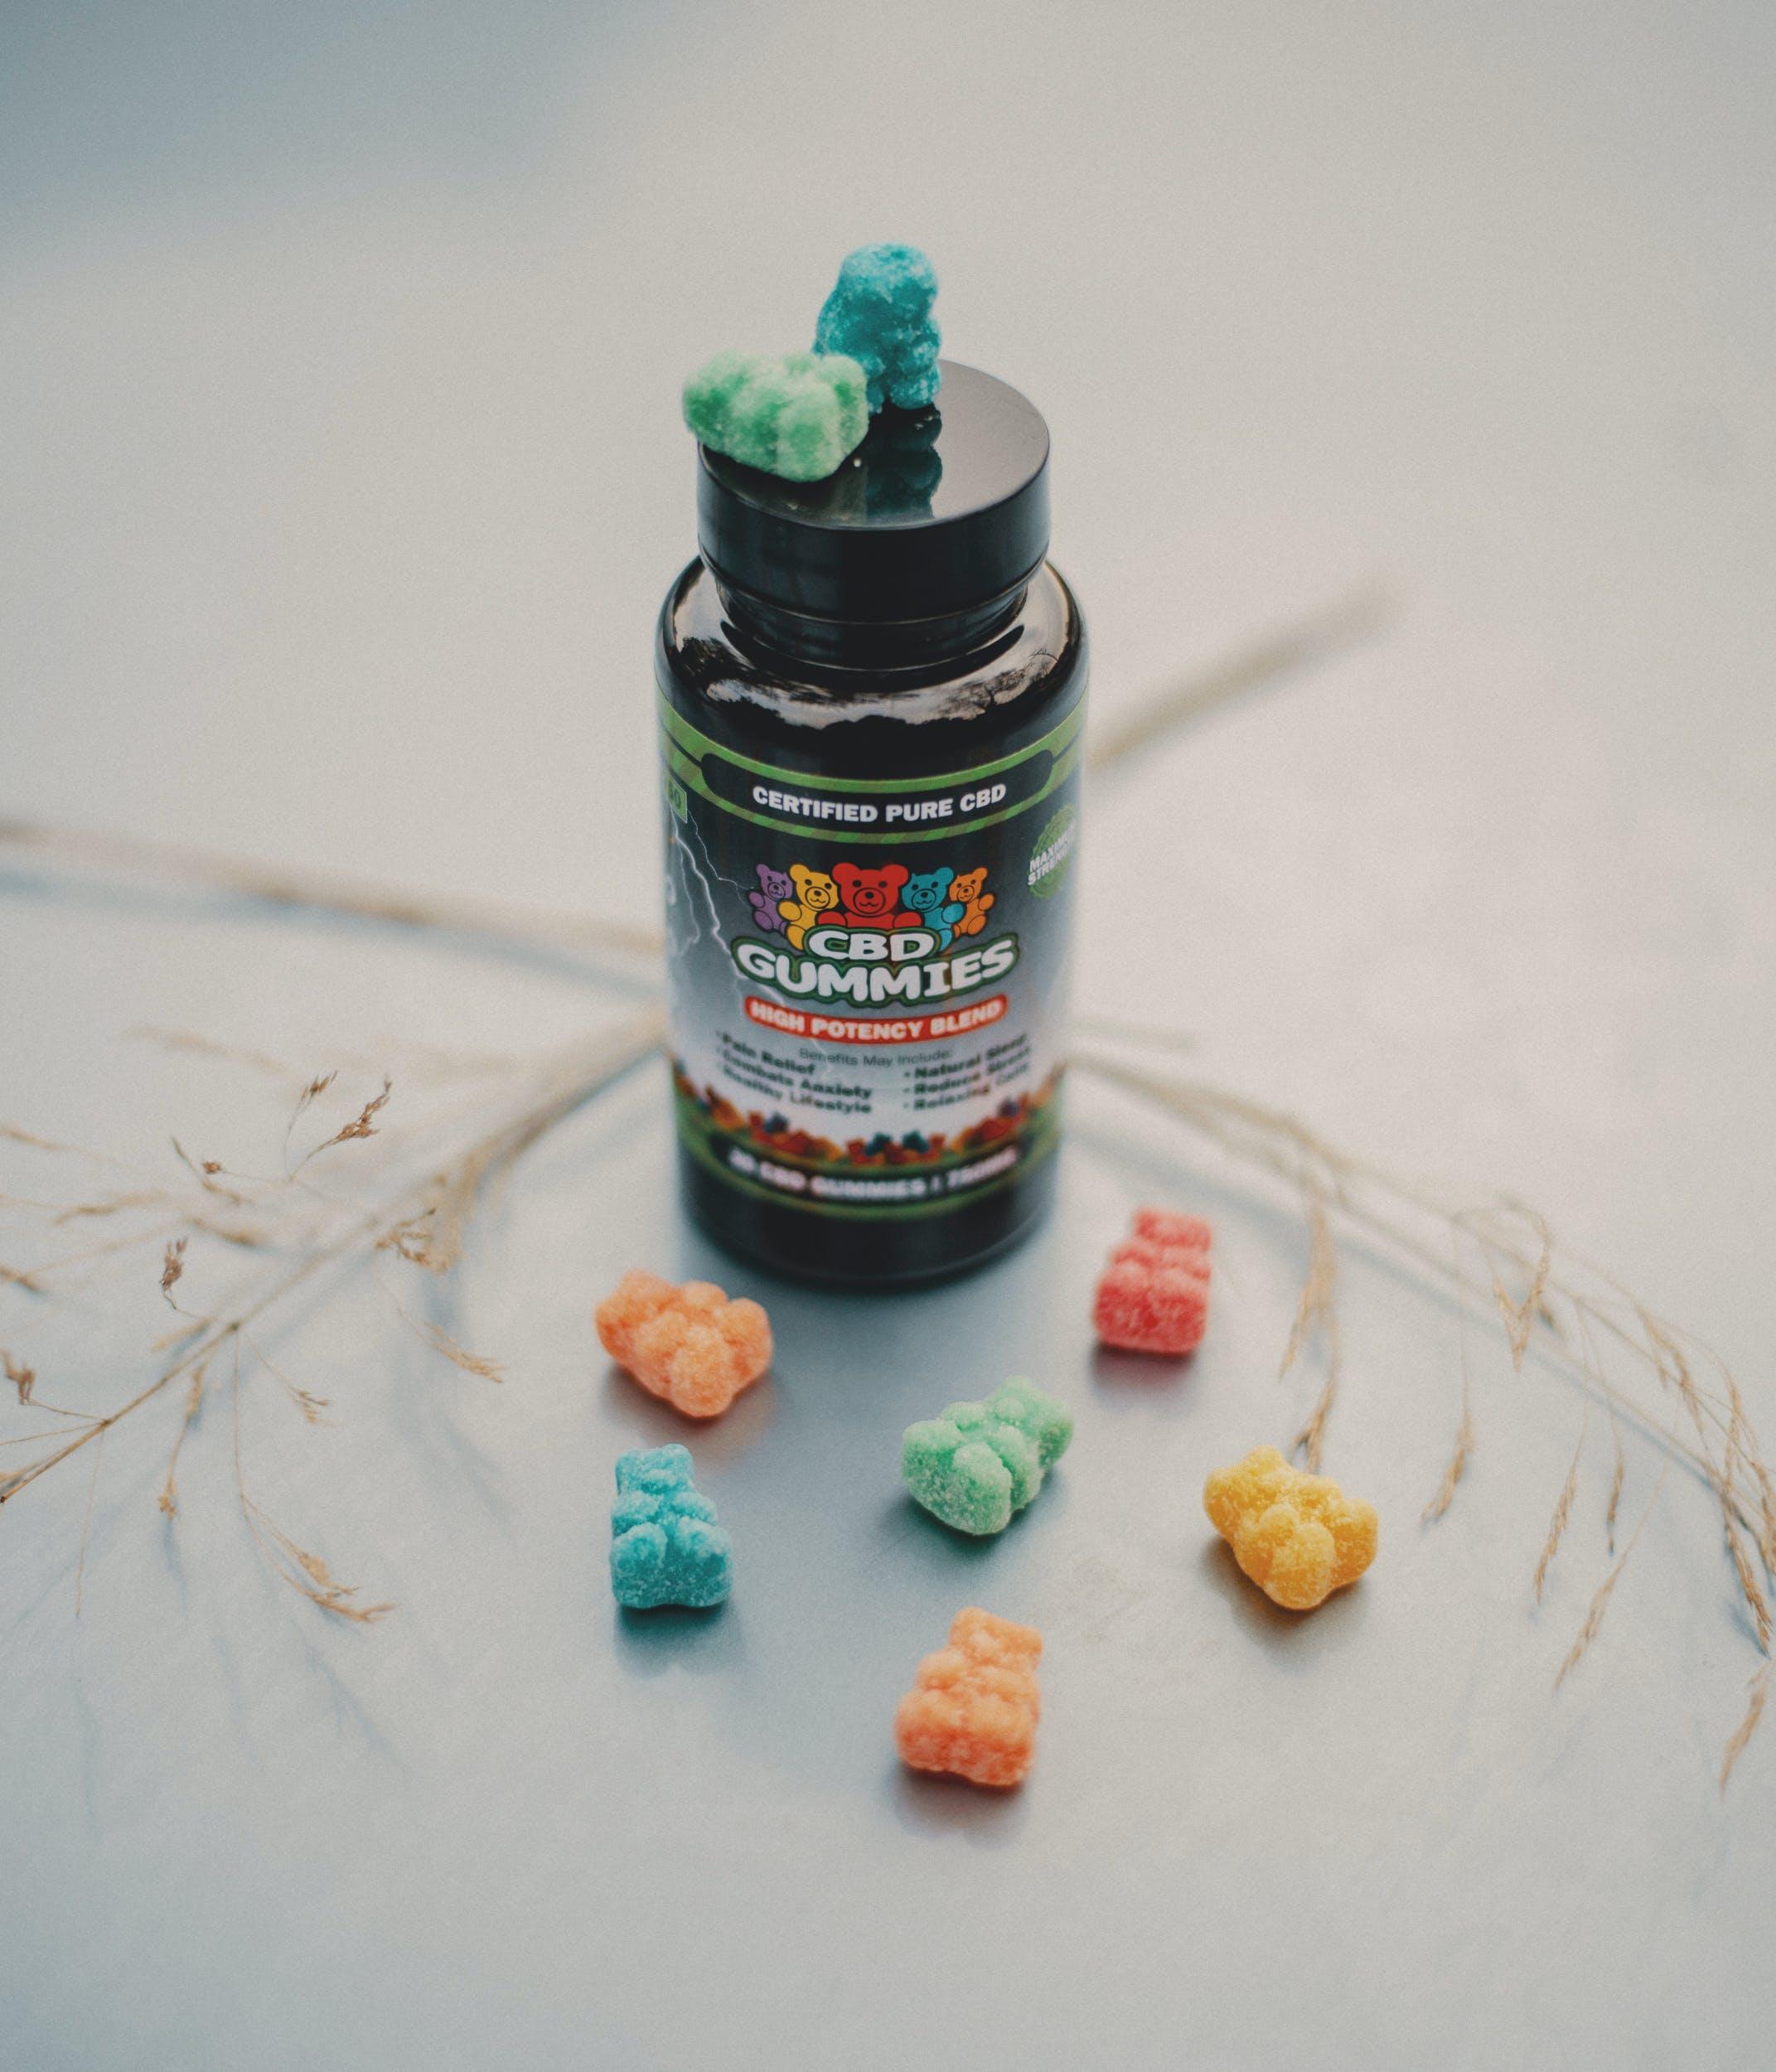 Best CBD Gummies 34 Love Edibles but not THC? Here are the Best CBD Gummies